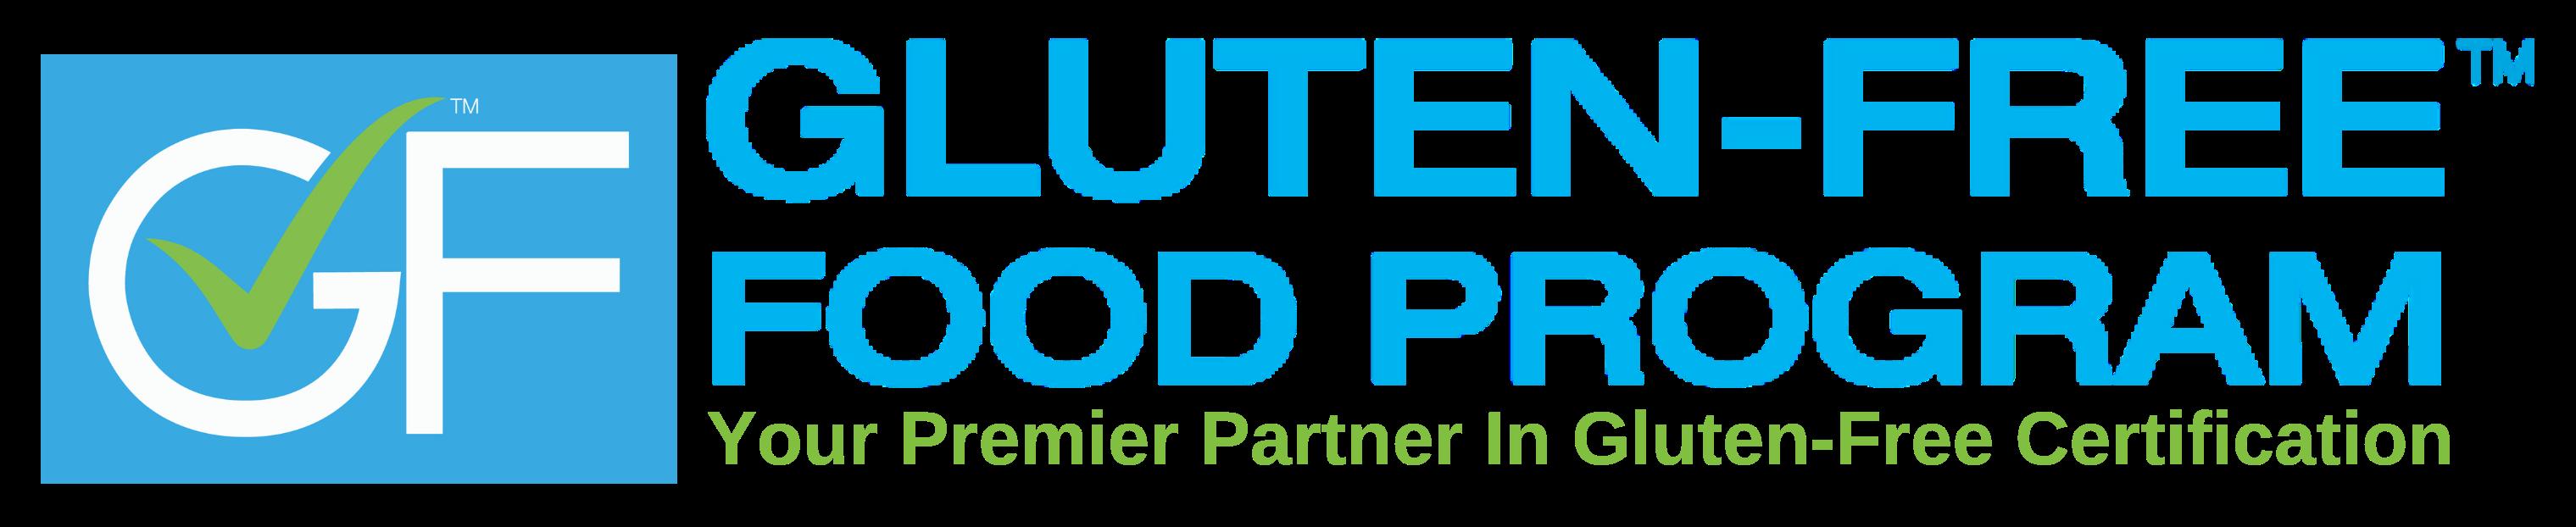 Gluten-Free Food Program: Your premier patner in gluten-free certification